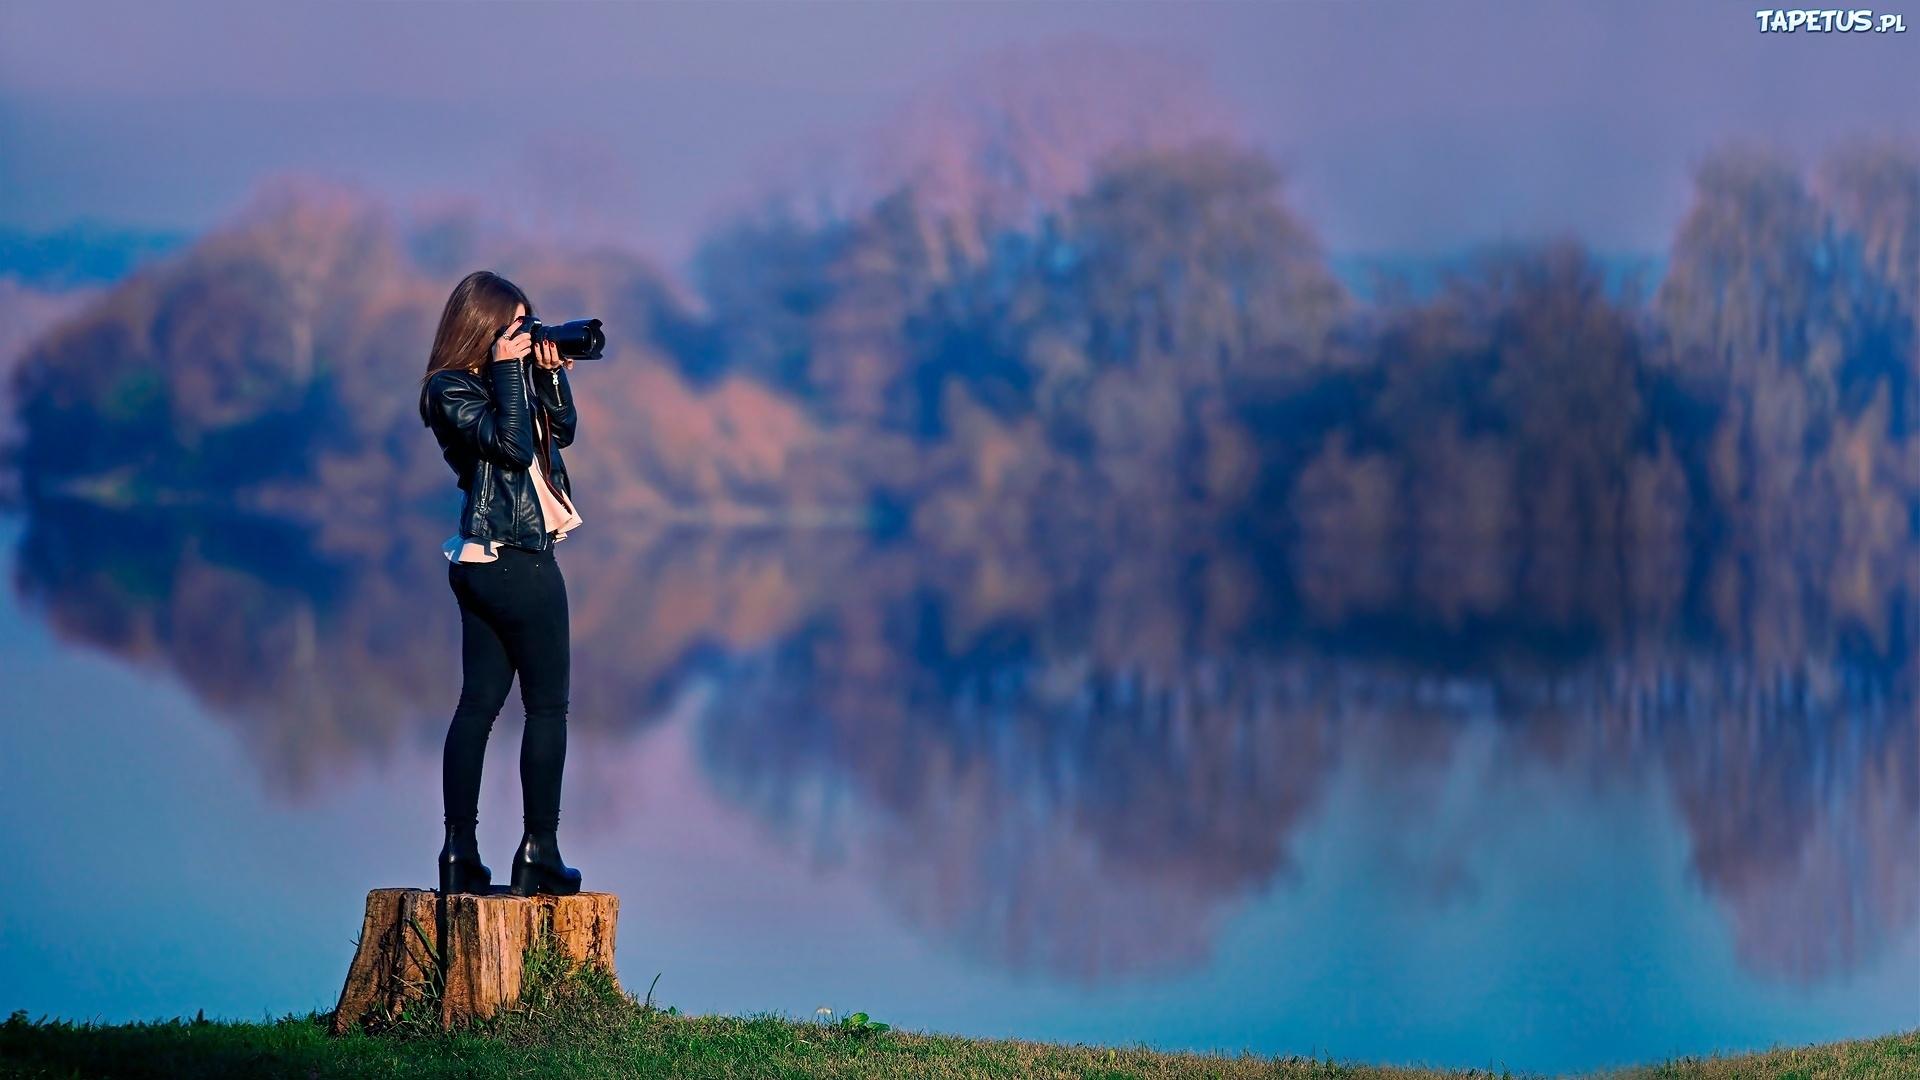 Девушка фотограф  № 524895 загрузить